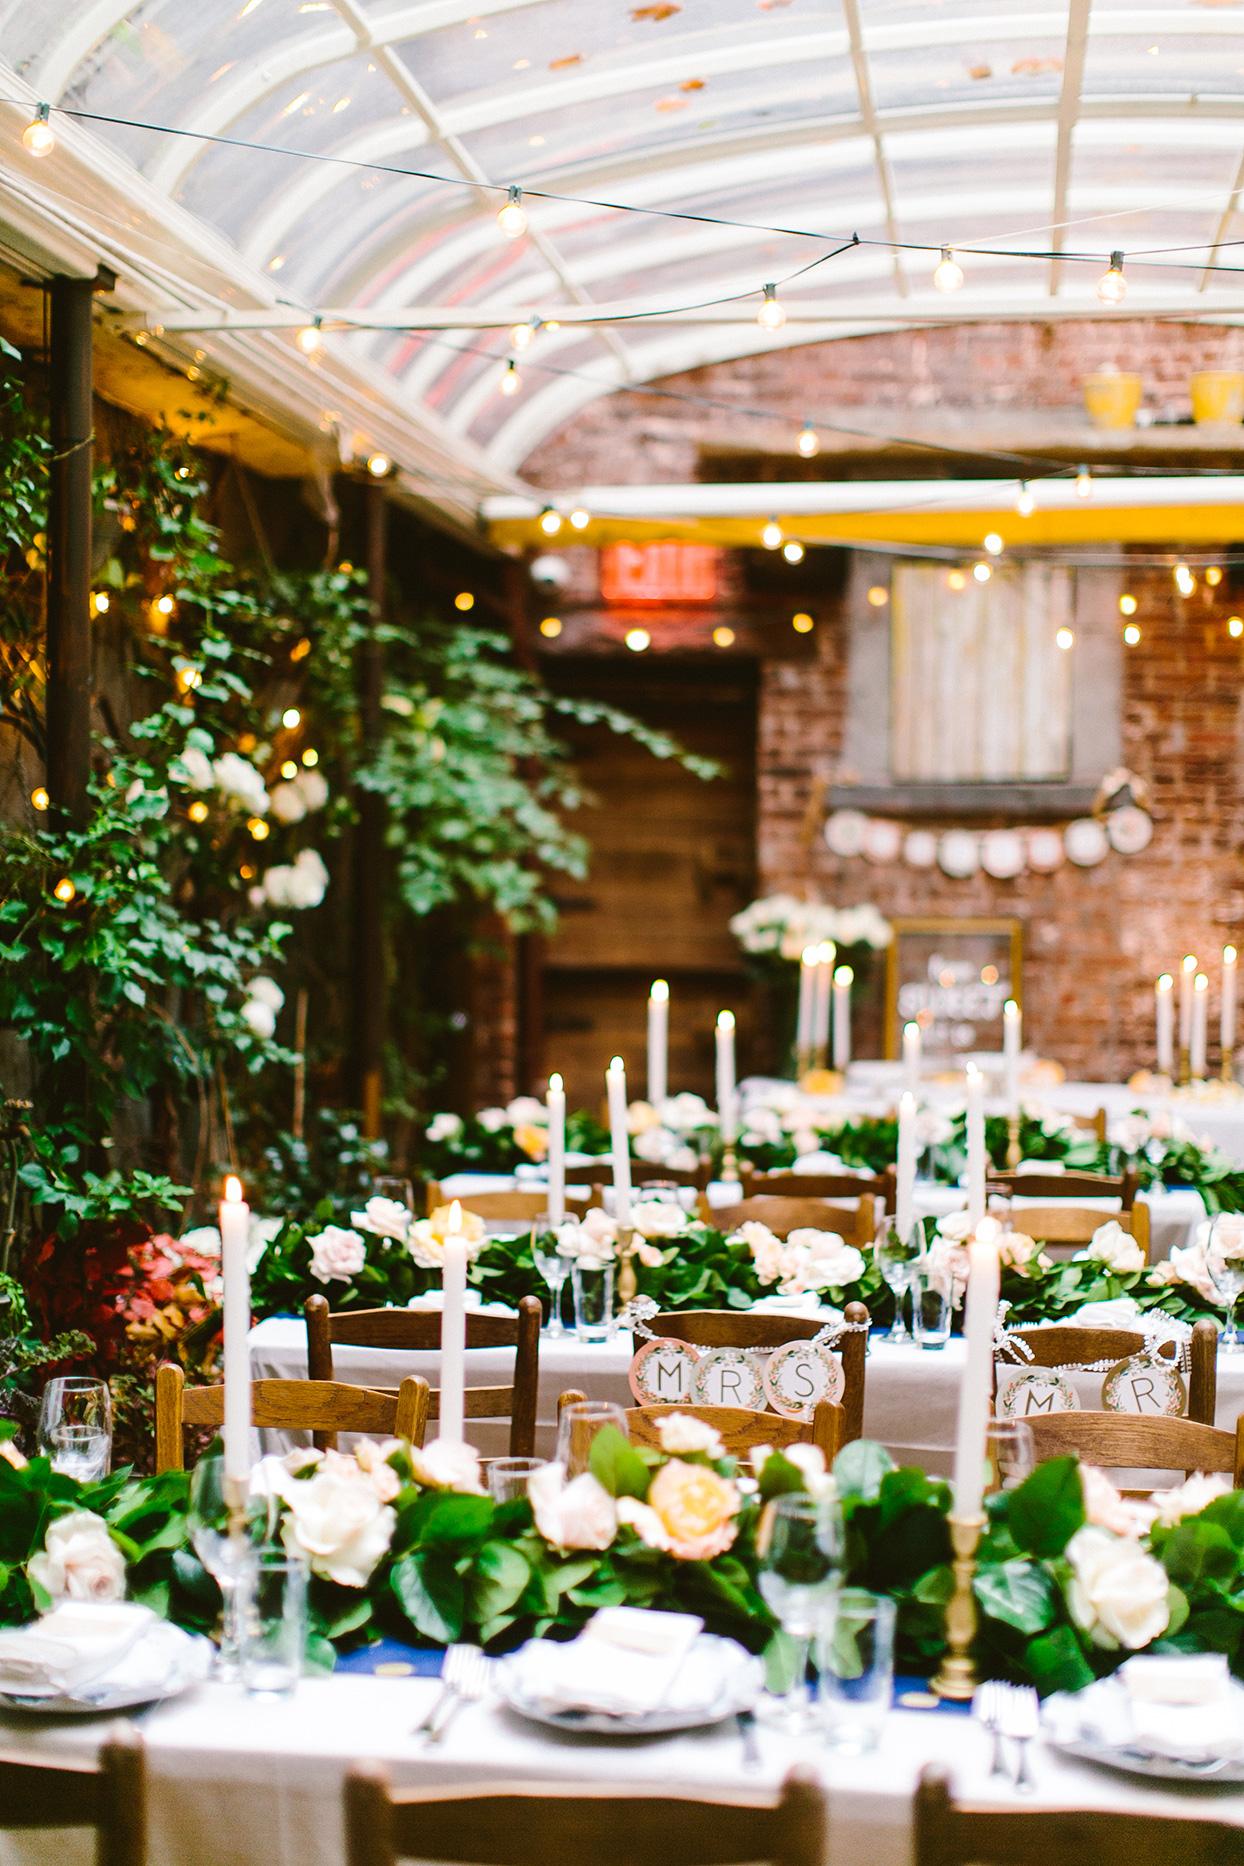 atrium location for rustic wedding reception